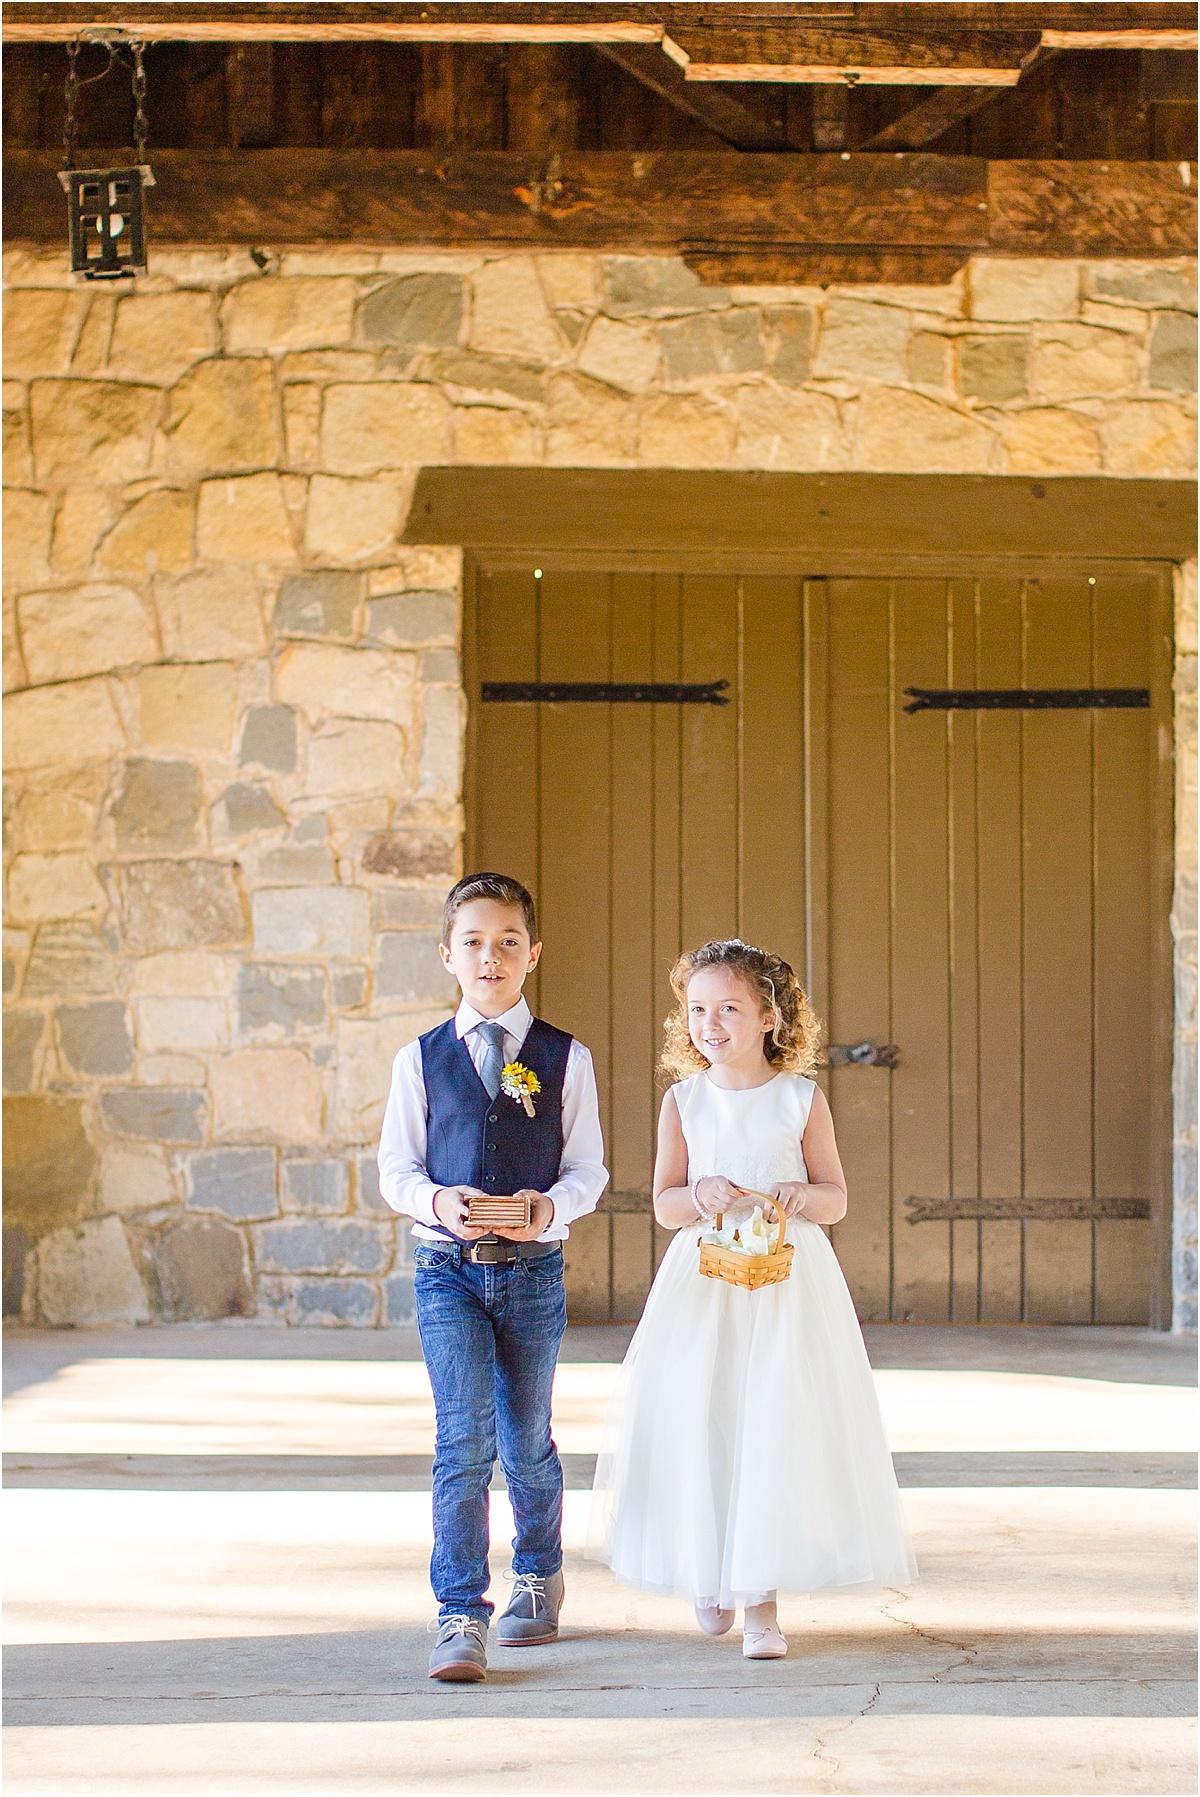 Indian_Springs_State_Park_Weddings_0047.jpg